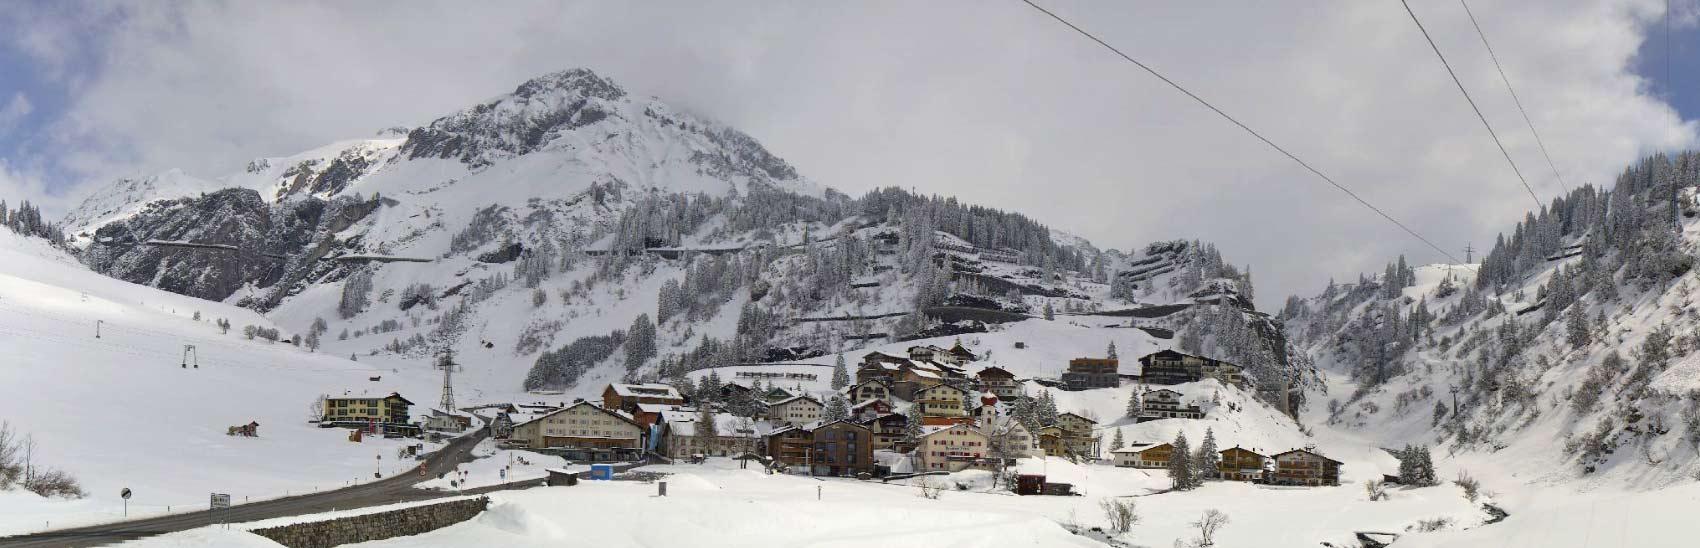 Winter of lente in Stuben am Arlberg